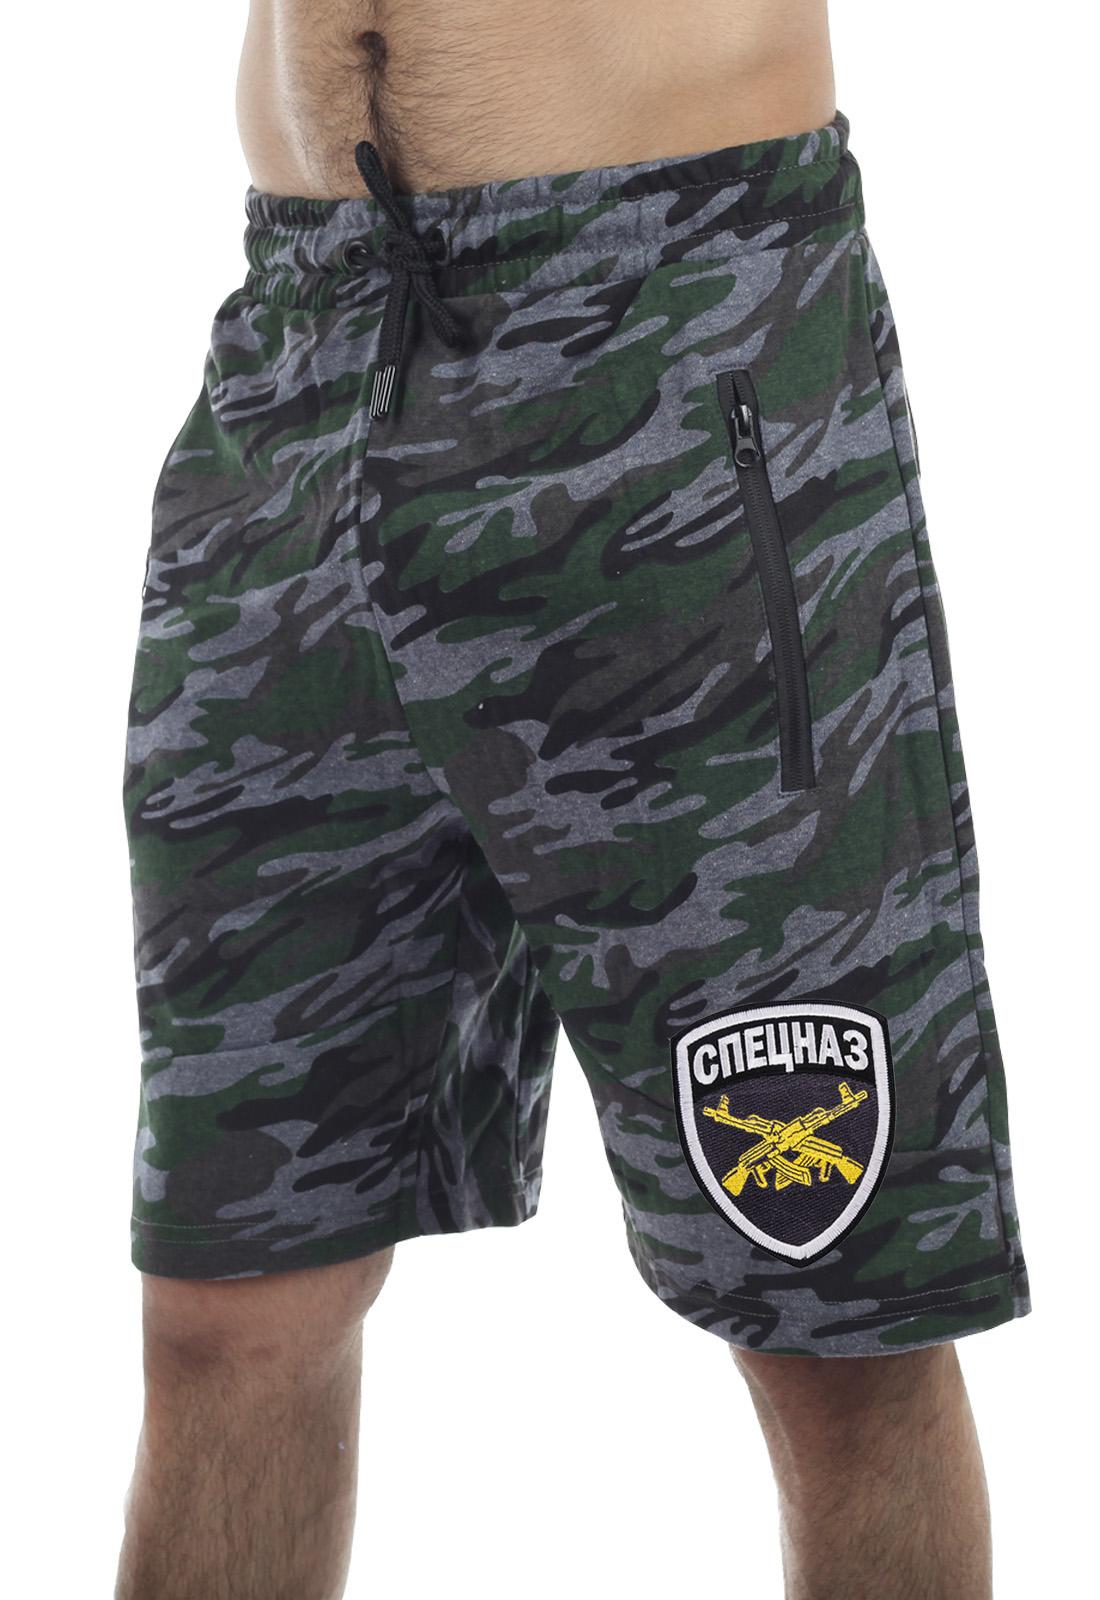 Купить в интернет магазине мужские шорты Woodland для Спецназа